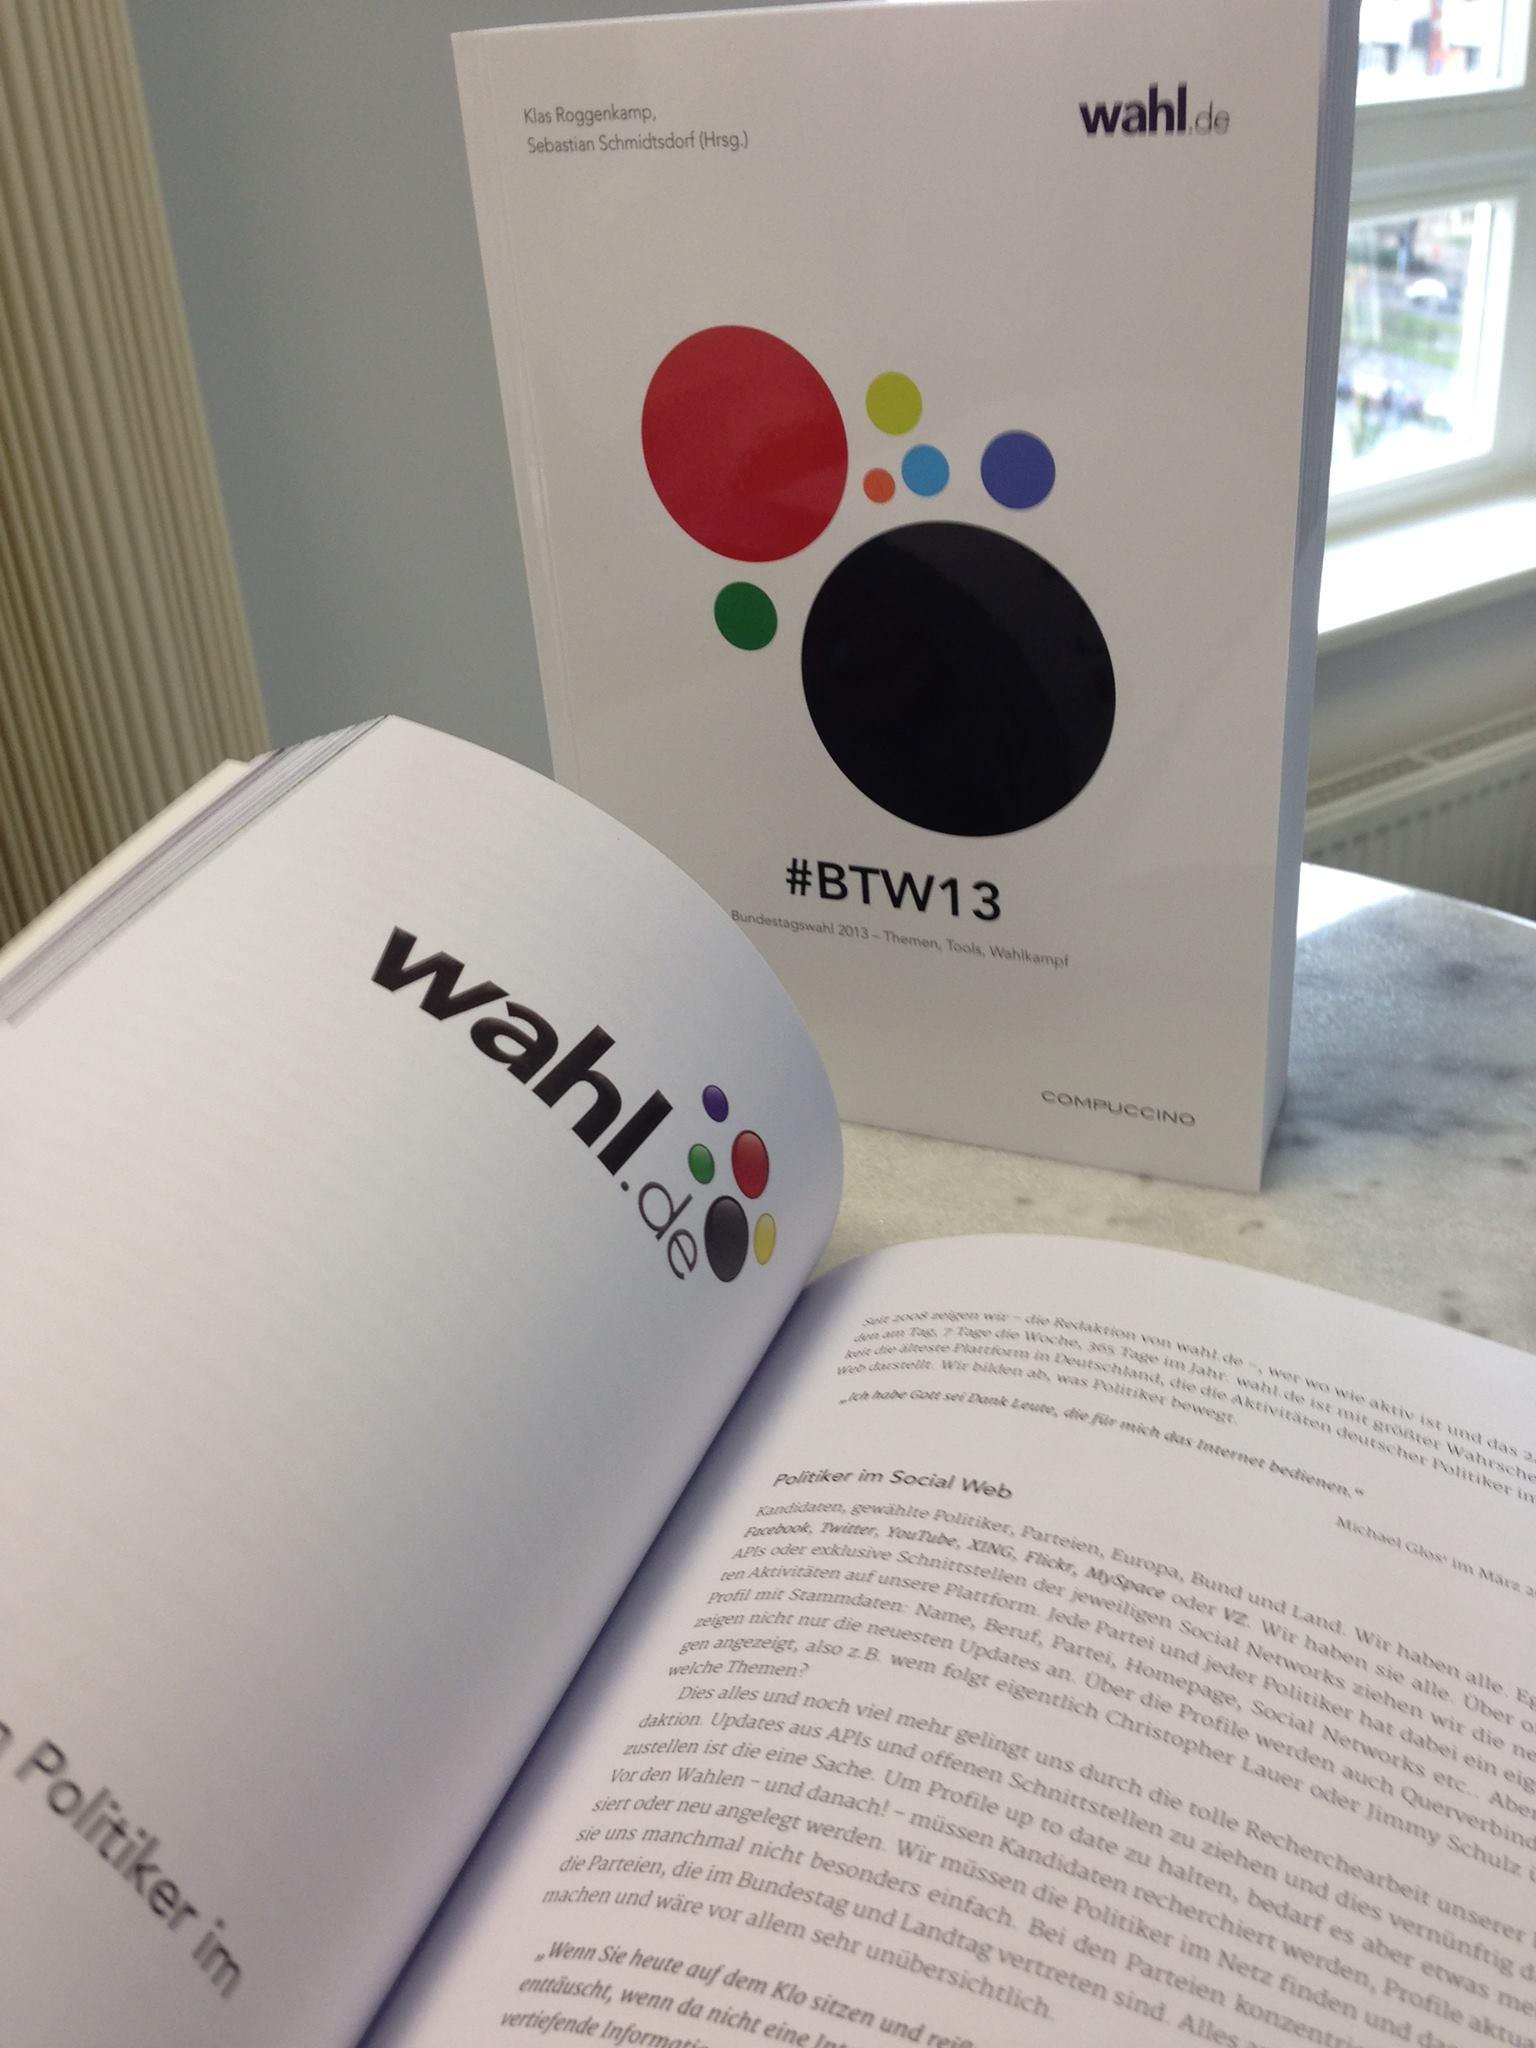 #BTW13 - Das Buch zur Bundestagswahl